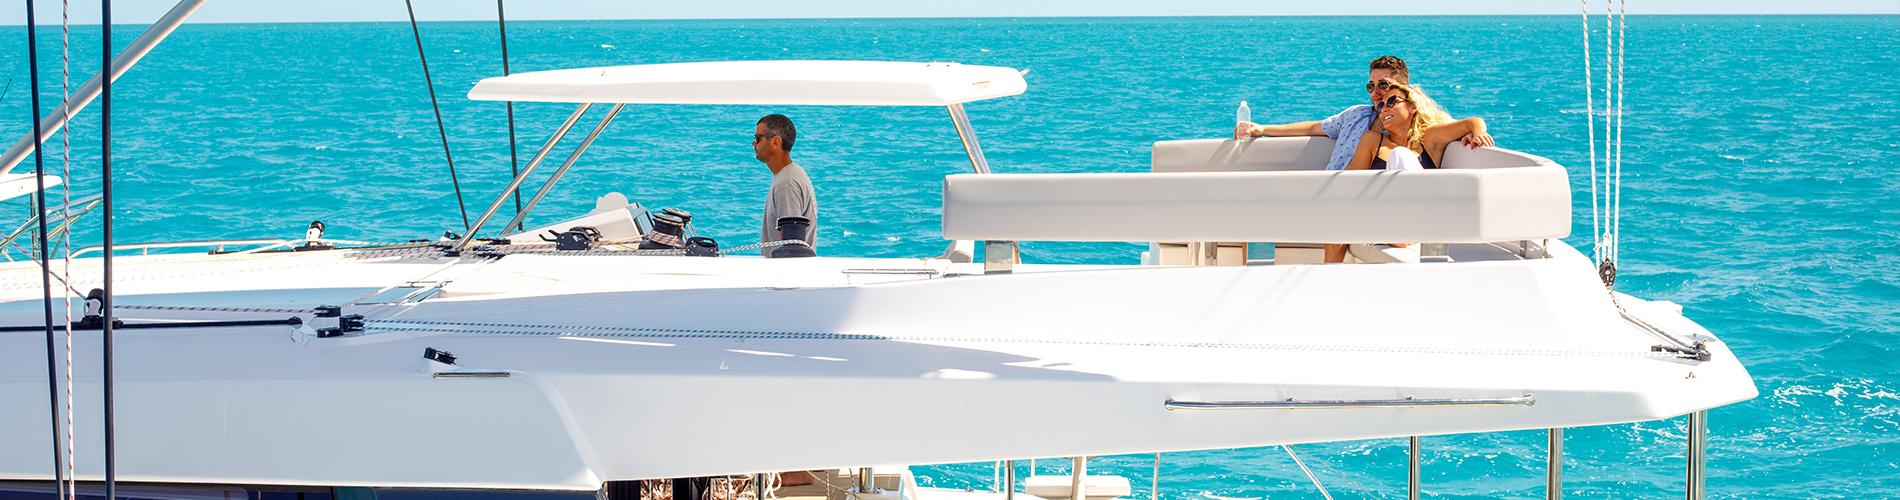 Moorings 5000 catamaran